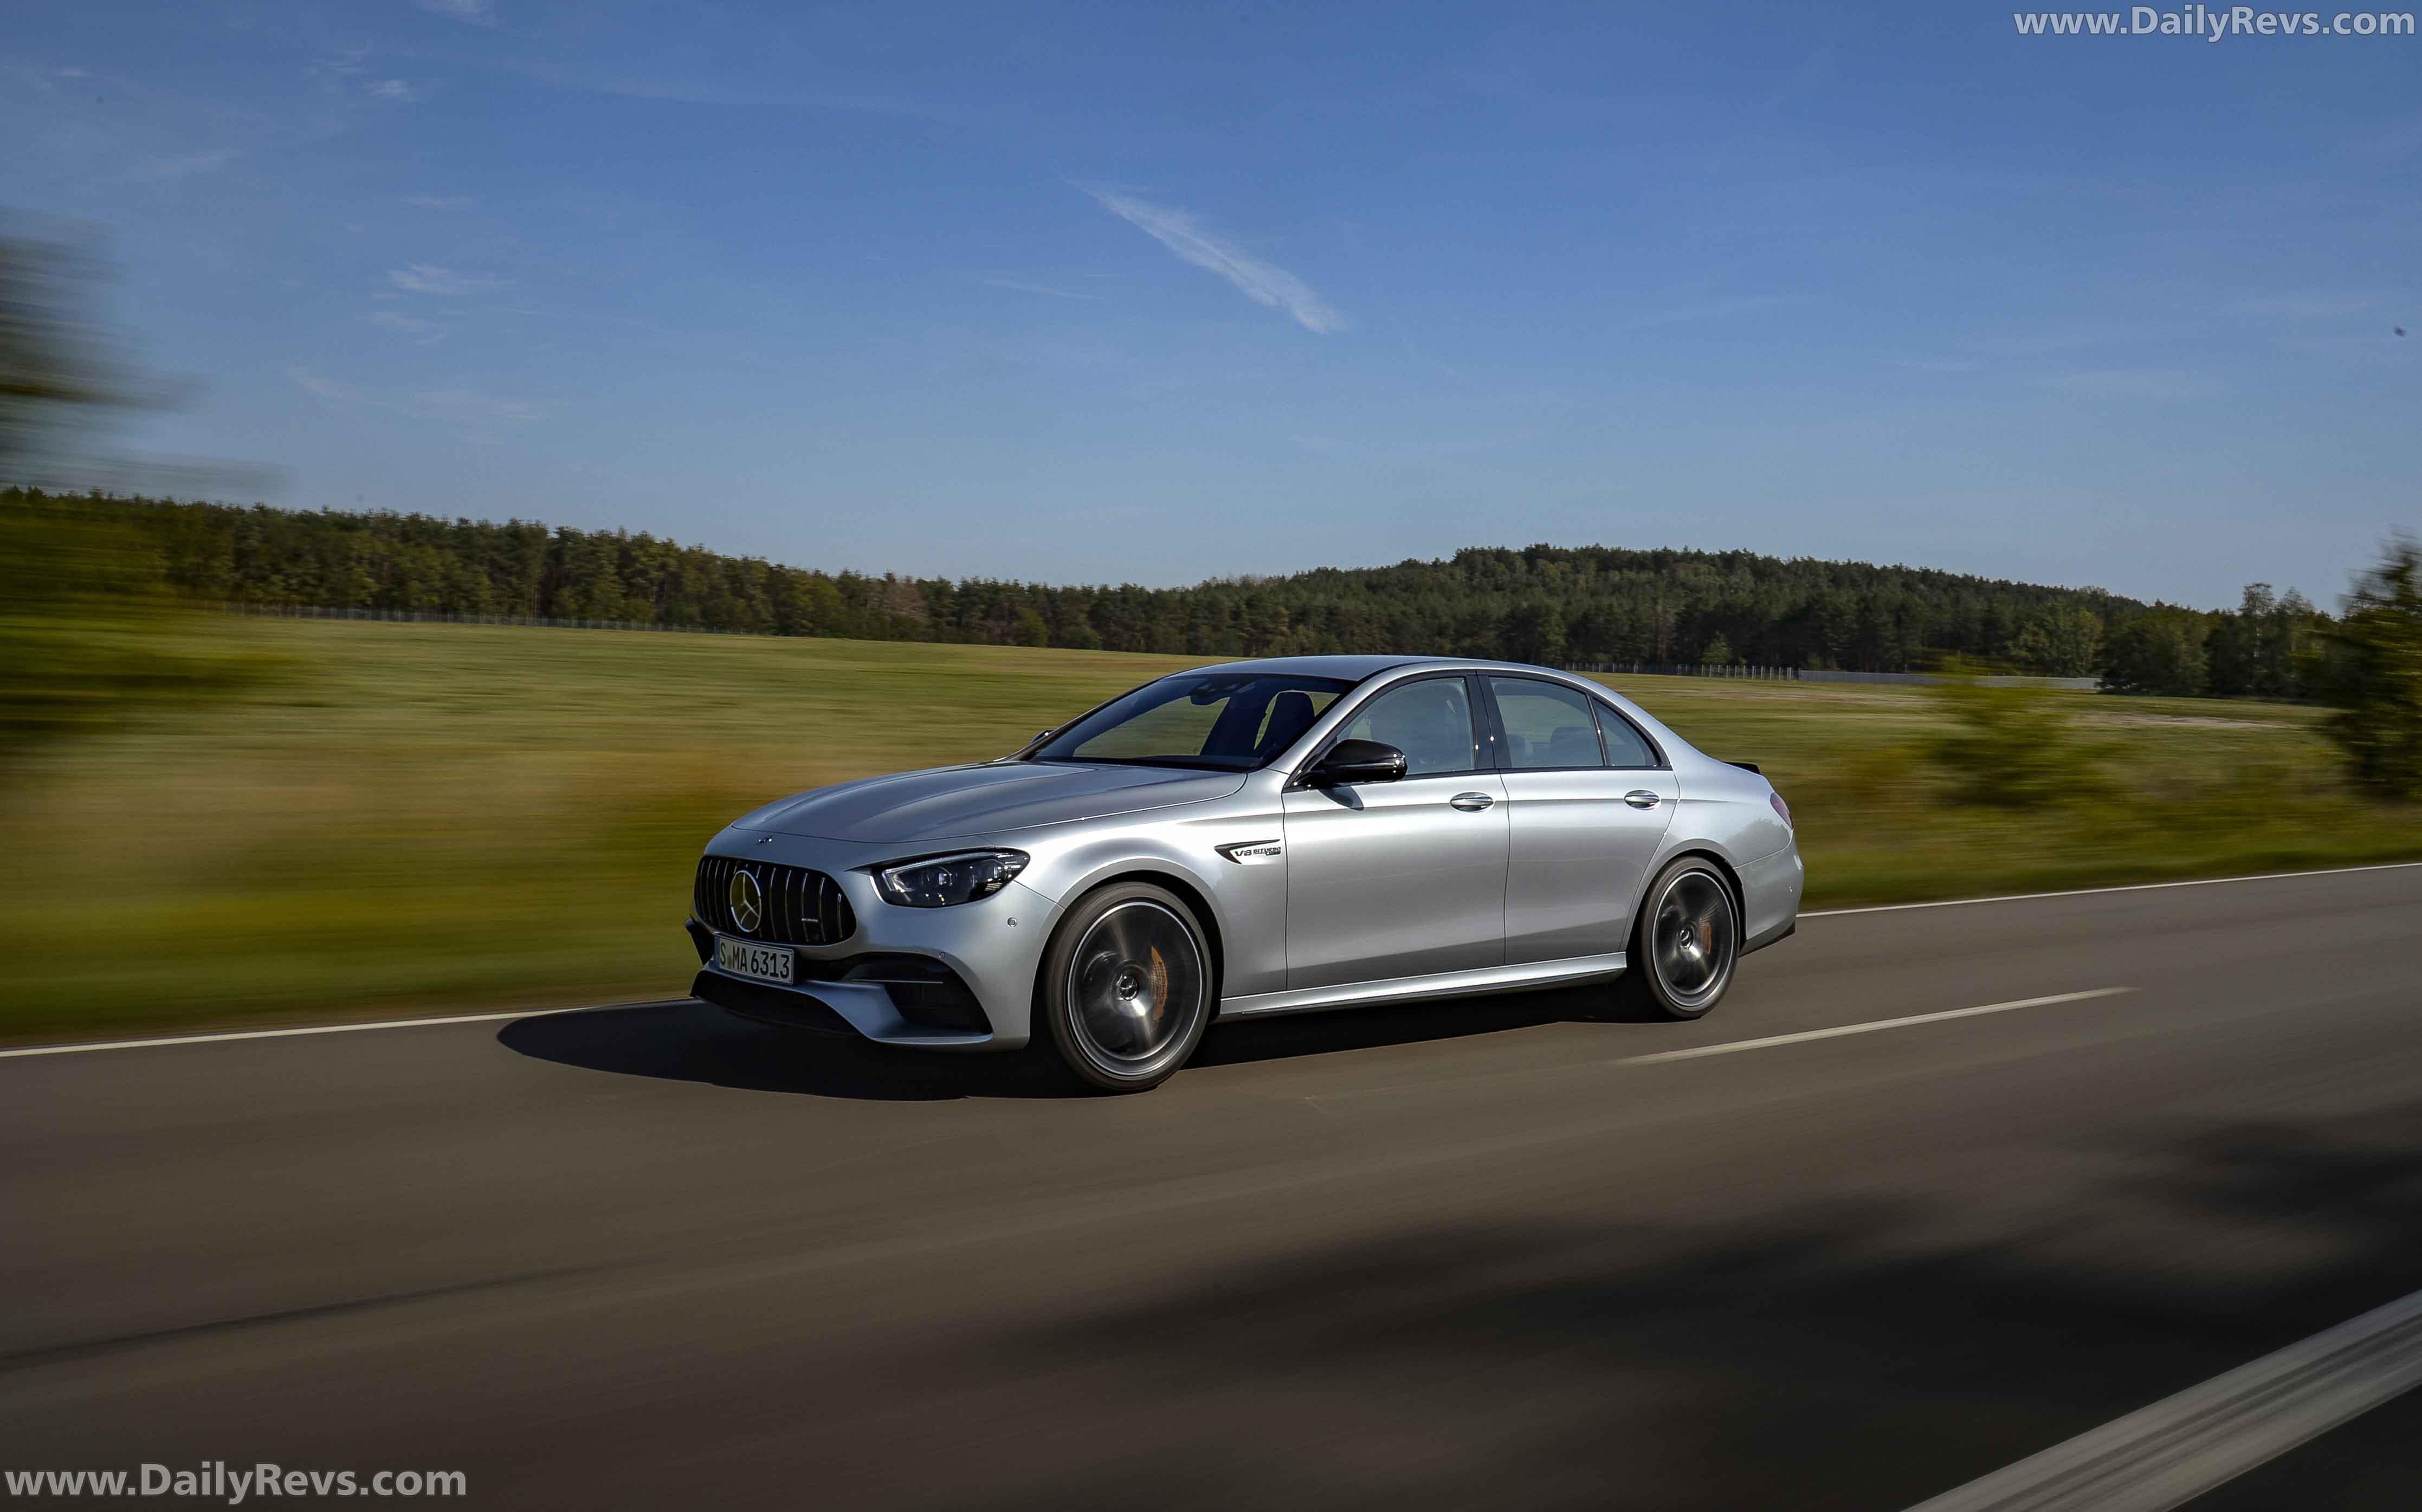 2021 Mercedes-Benz E63 S AMG Sedan - Dailyrevs